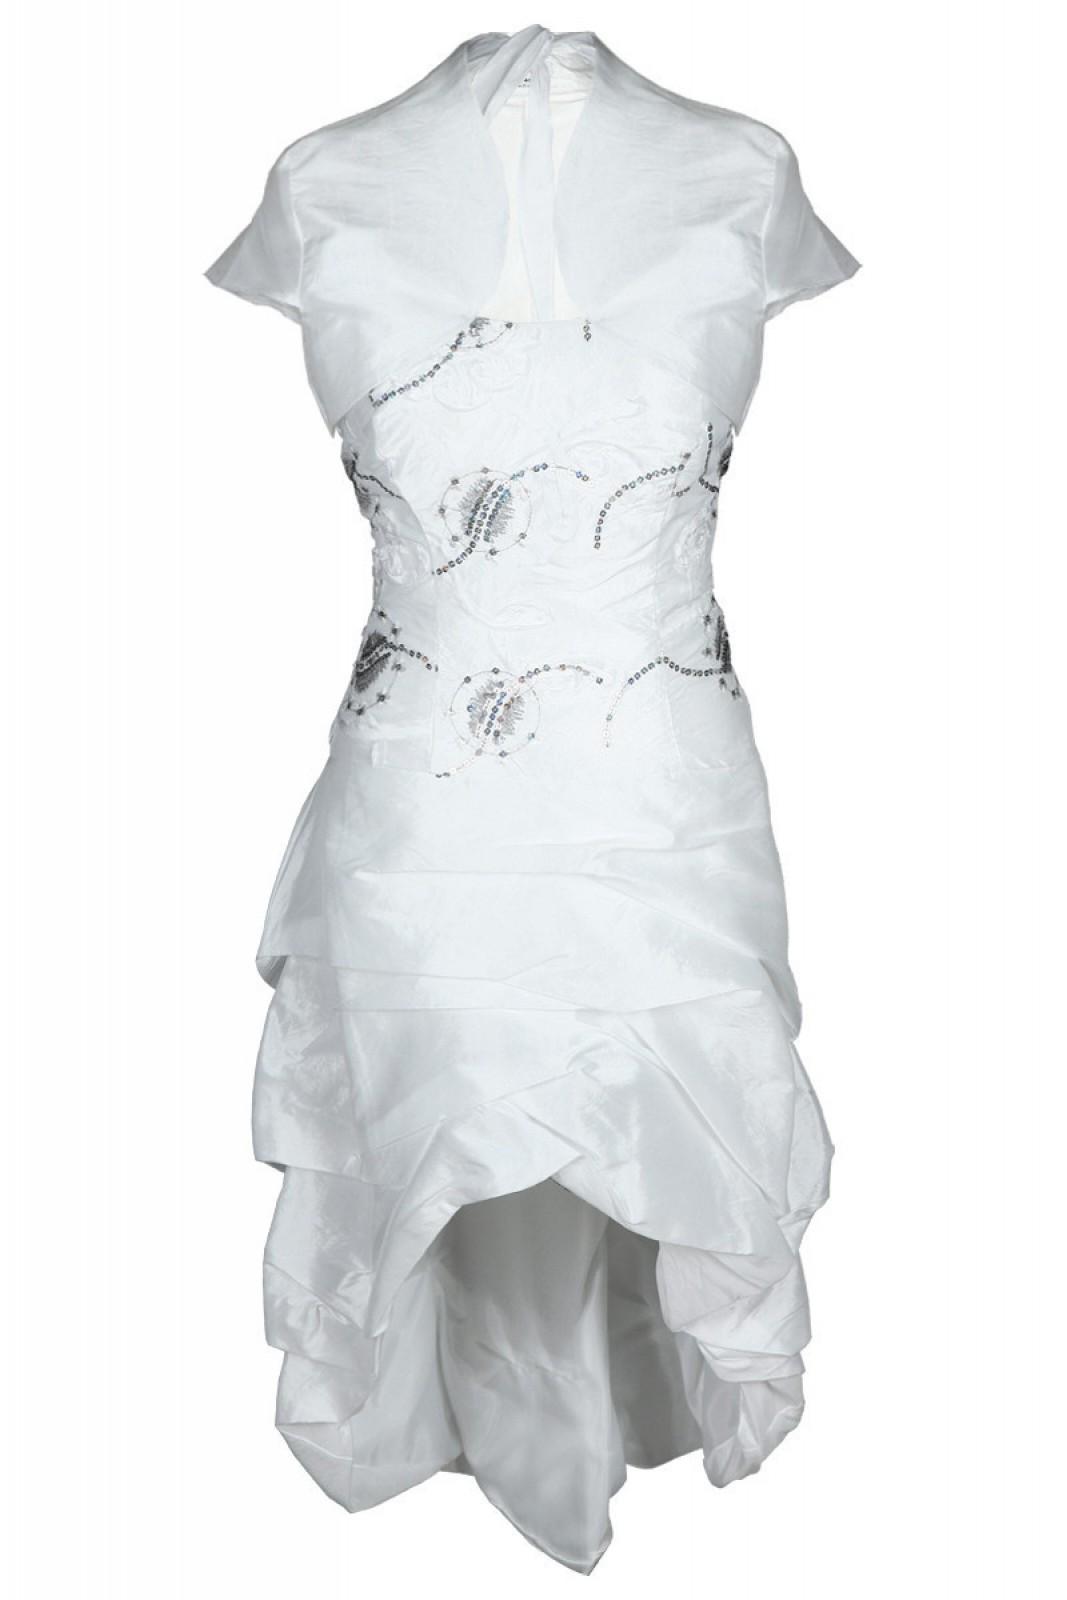 Hochzeitskleid, Tanzkleid, Vokuhila, knielang, mit Jäckchen, weiß